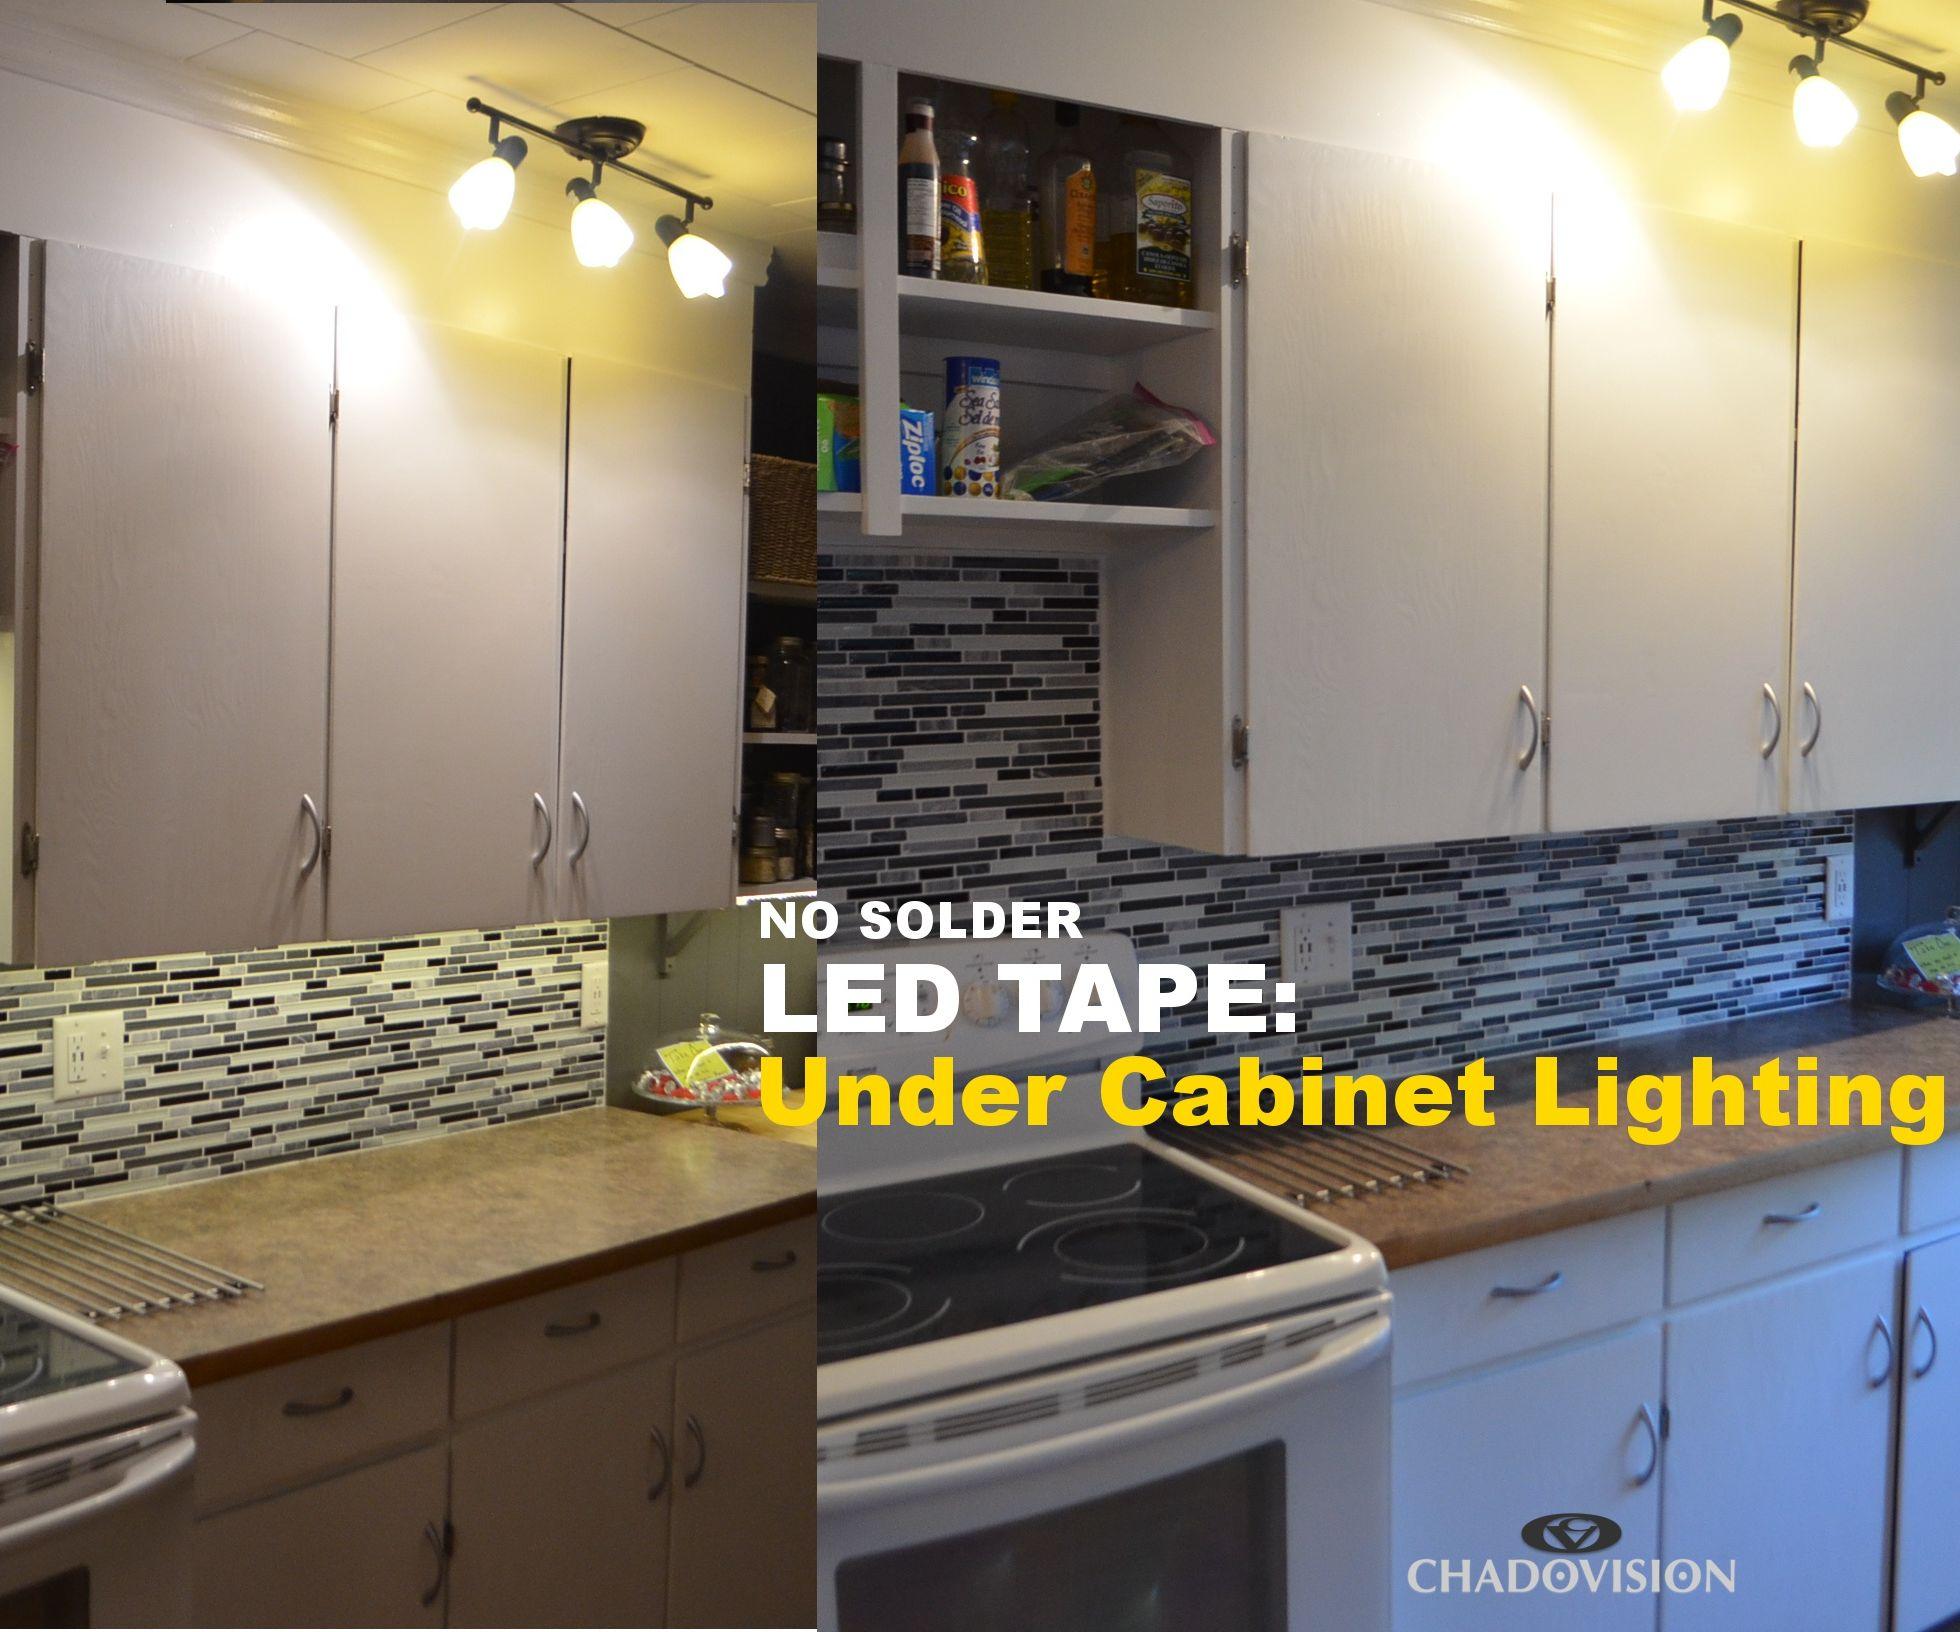 Led Tape Under Cabinet Lighting No Soldering 9 Steps